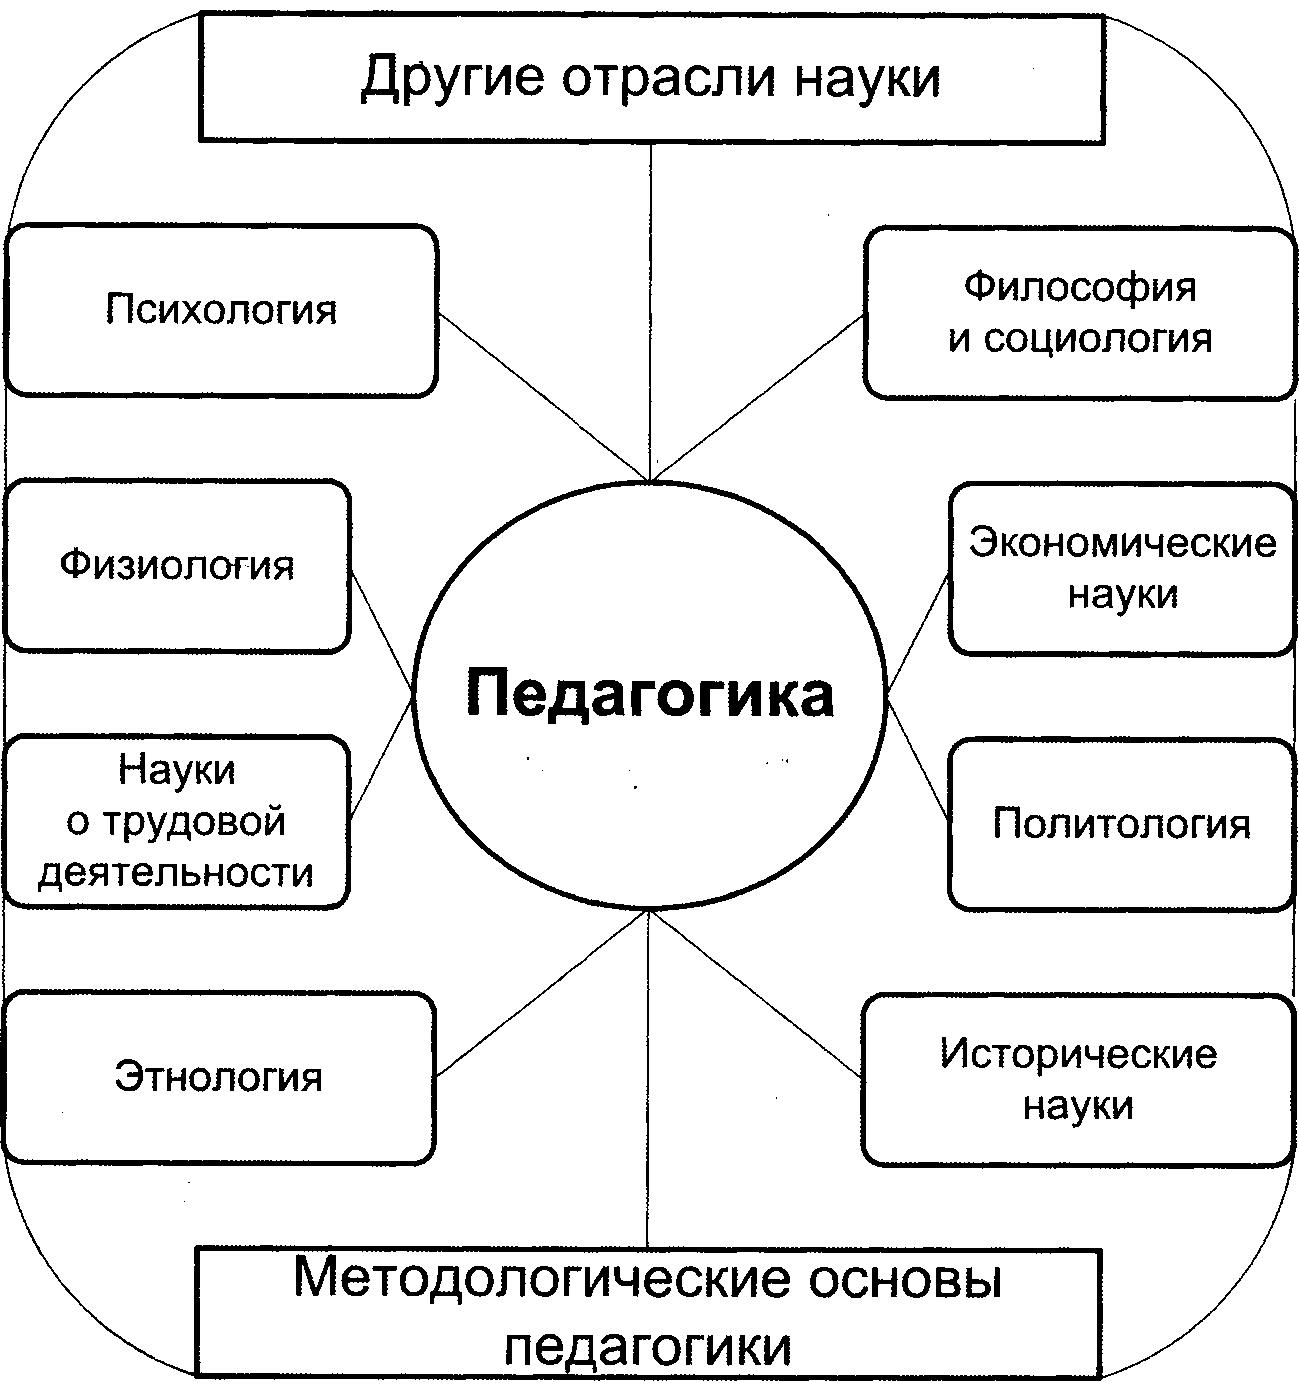 Логическая схема по педагогике фото 53